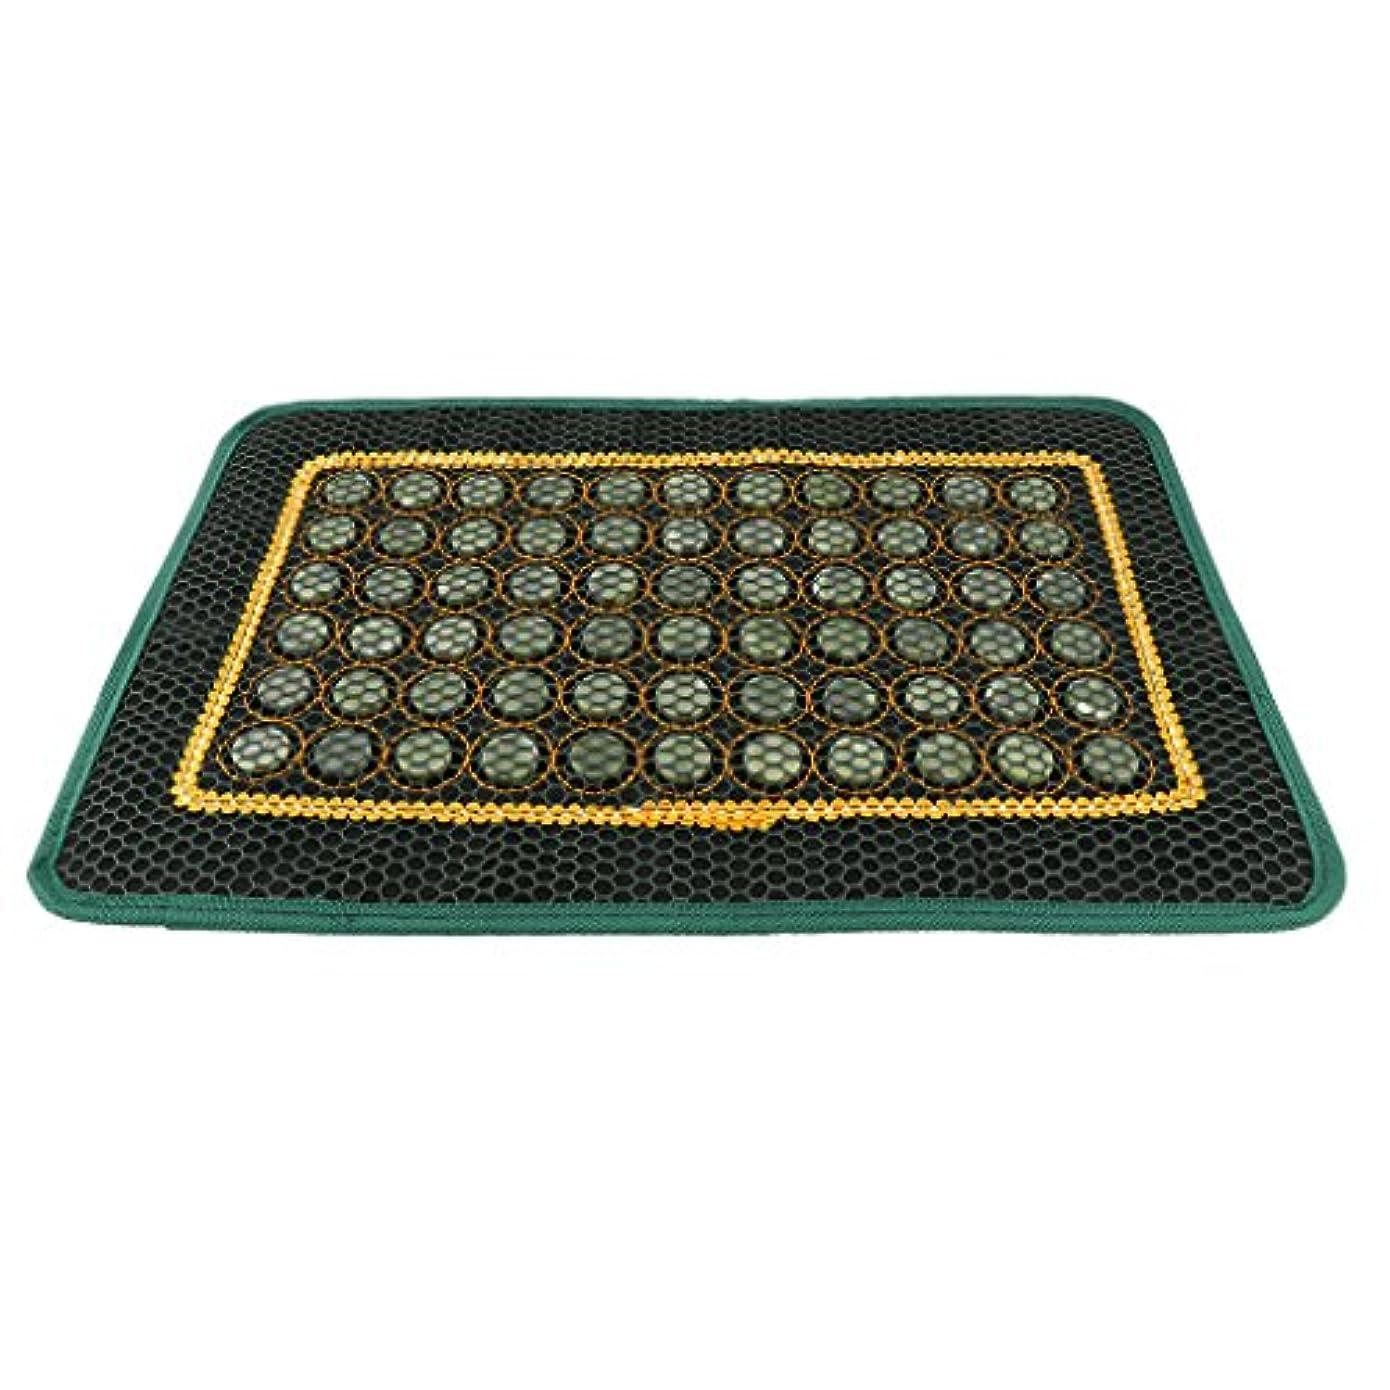 隣人丁寧瞑想的枕カバー パッド 約43x27.7CM マッサージパッド 椅子 座席 夏用 天然翡翠 車の座席